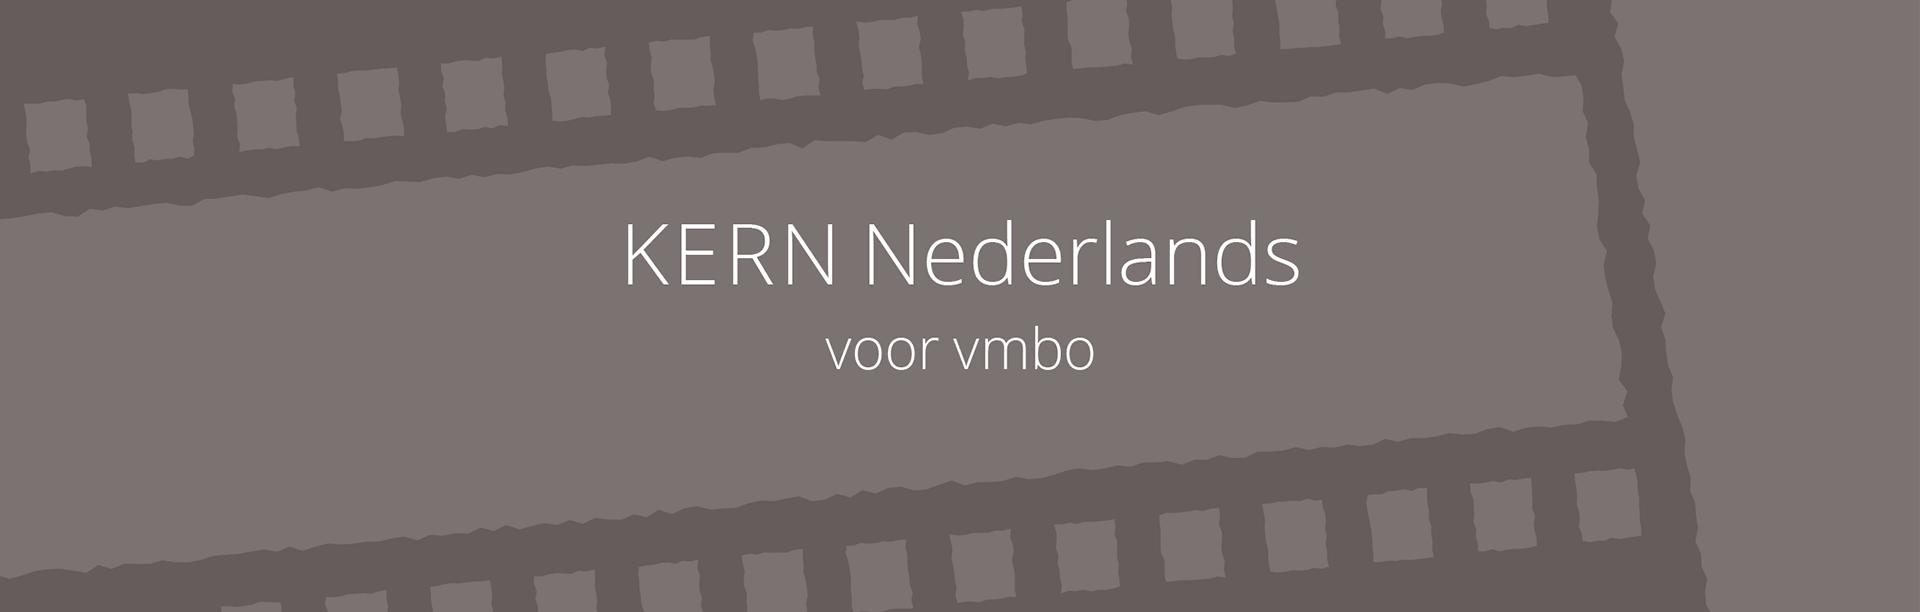 Lesmethode Nederlands vmbo   Bekijk nu KERN Nederlands vmbo